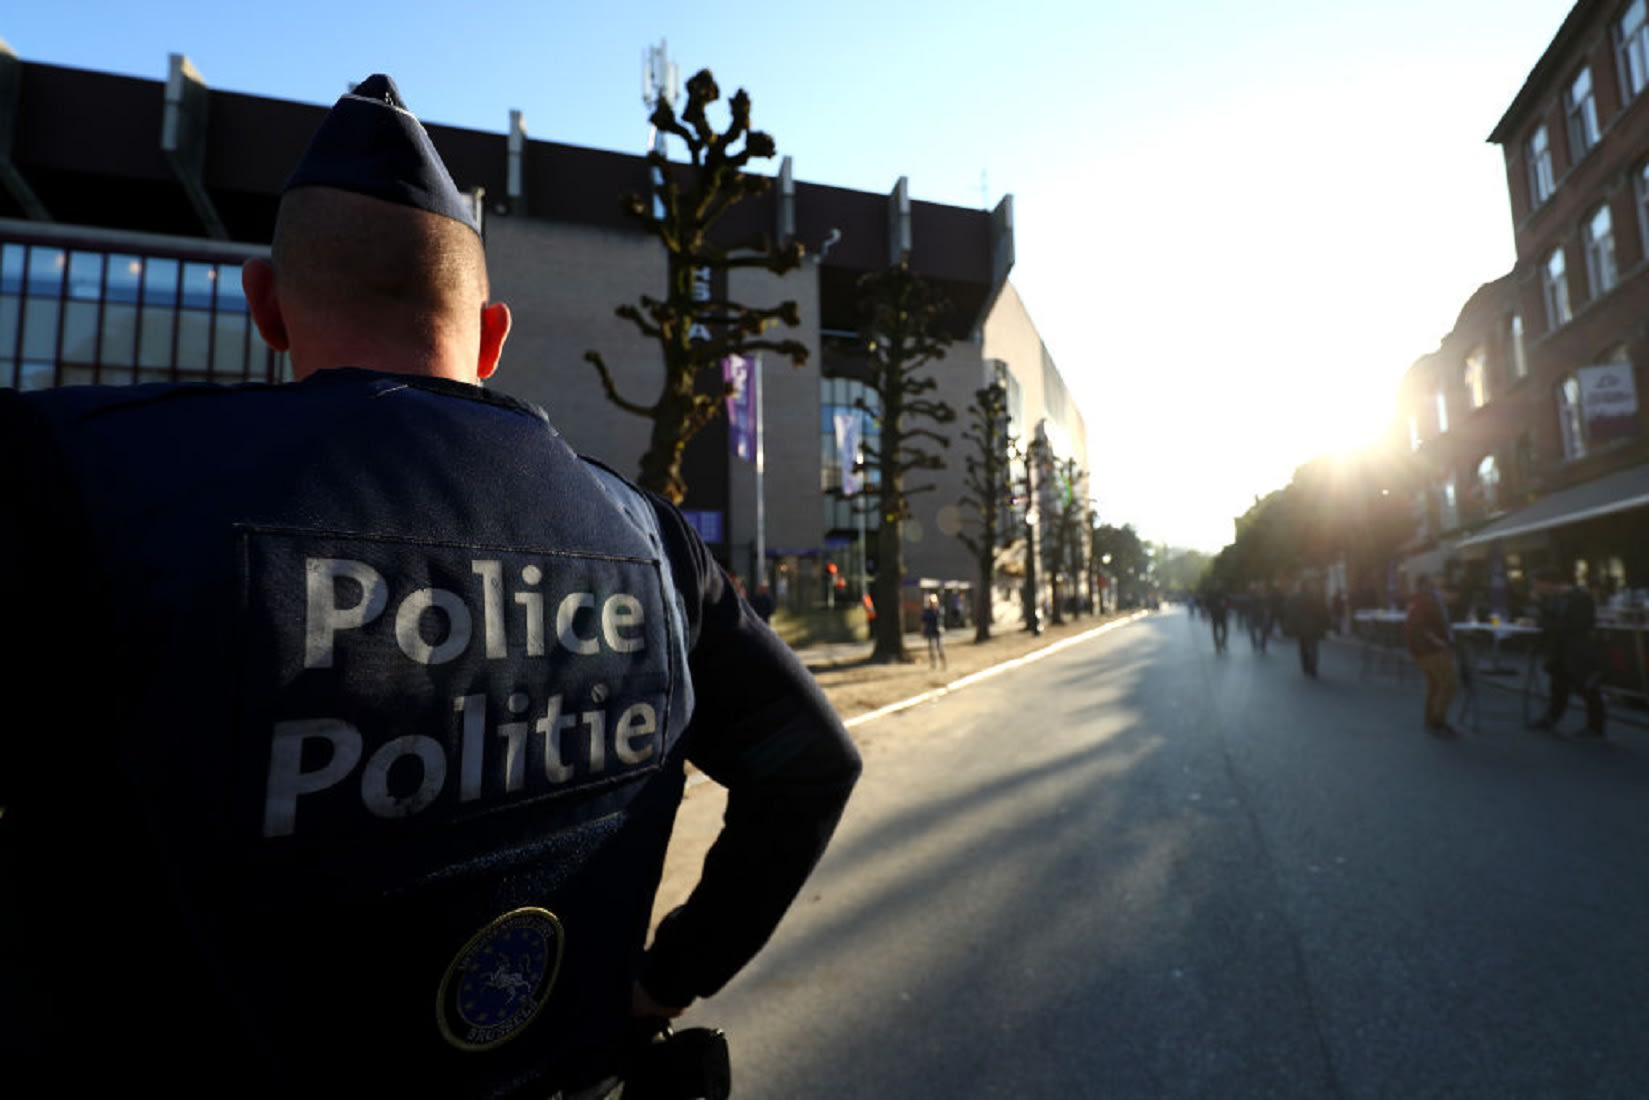 هجوم بسكين على ضابطي شرطة في بروكسل